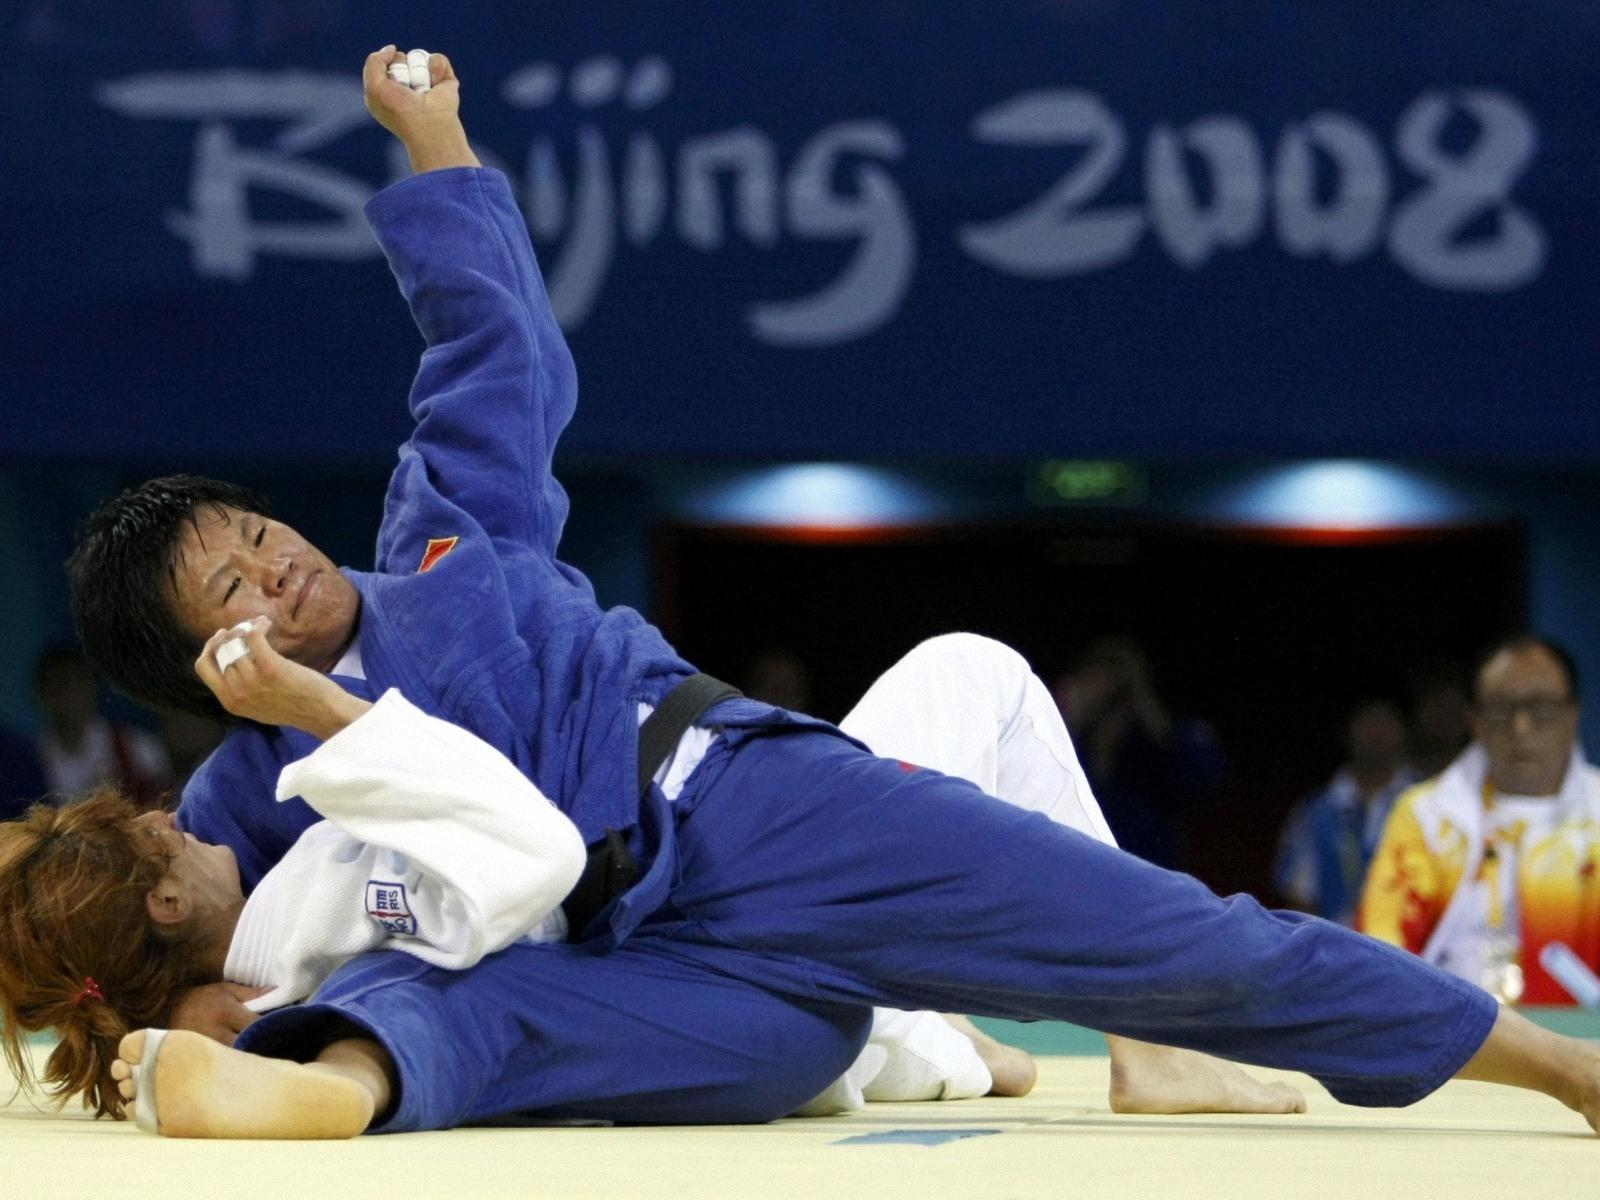 Judo Beijing 2008 WallpapersJudo Wallpapers Pictures Download 1600x1200